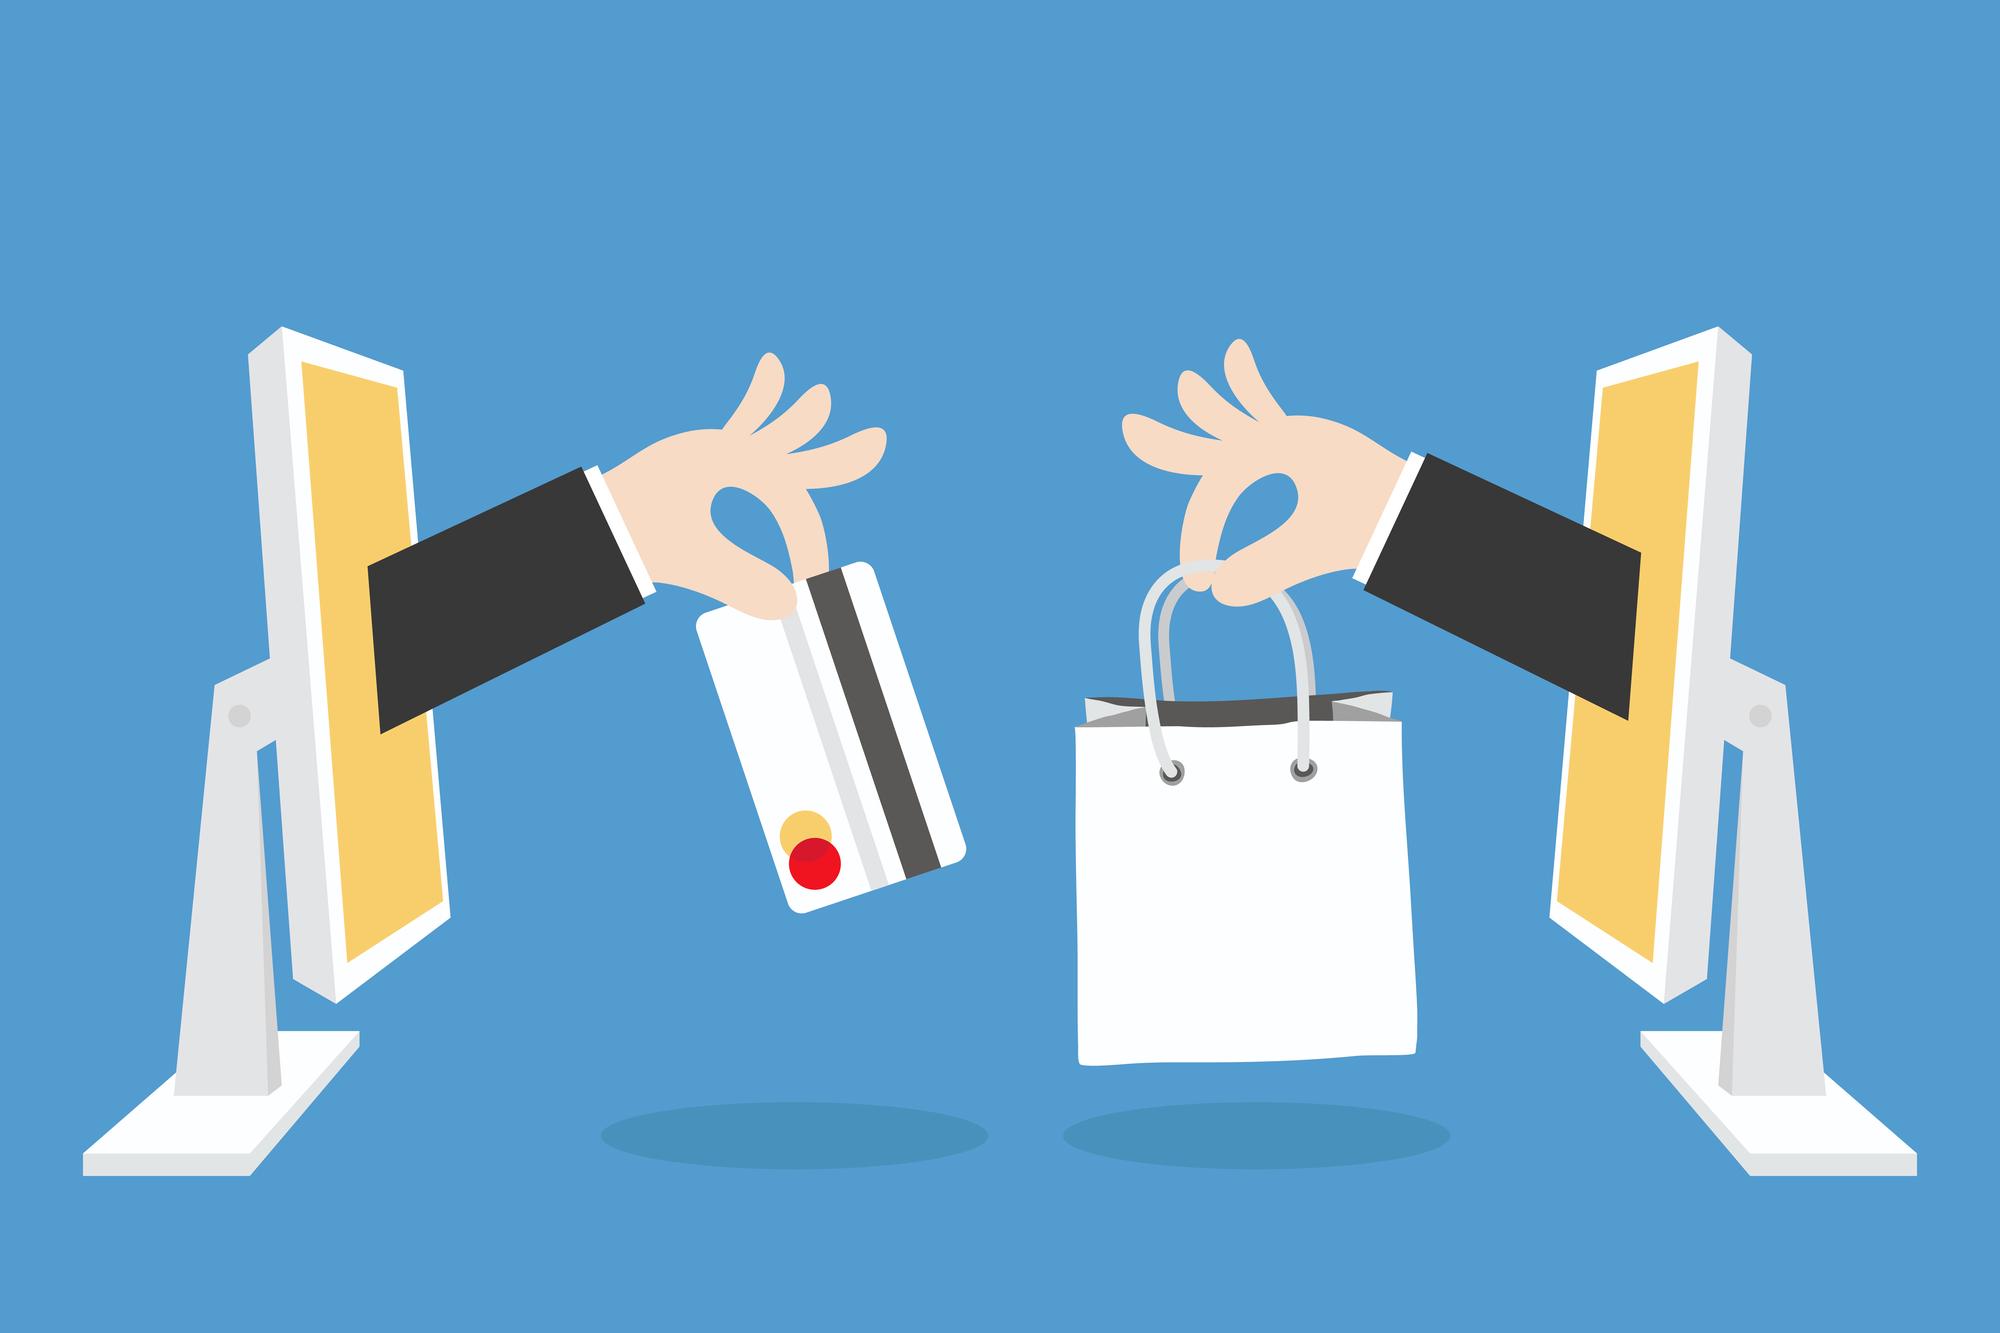 Ban hang online la gi(1) - Cách bán hàng online hiệu quả cho người mới bắt đầu